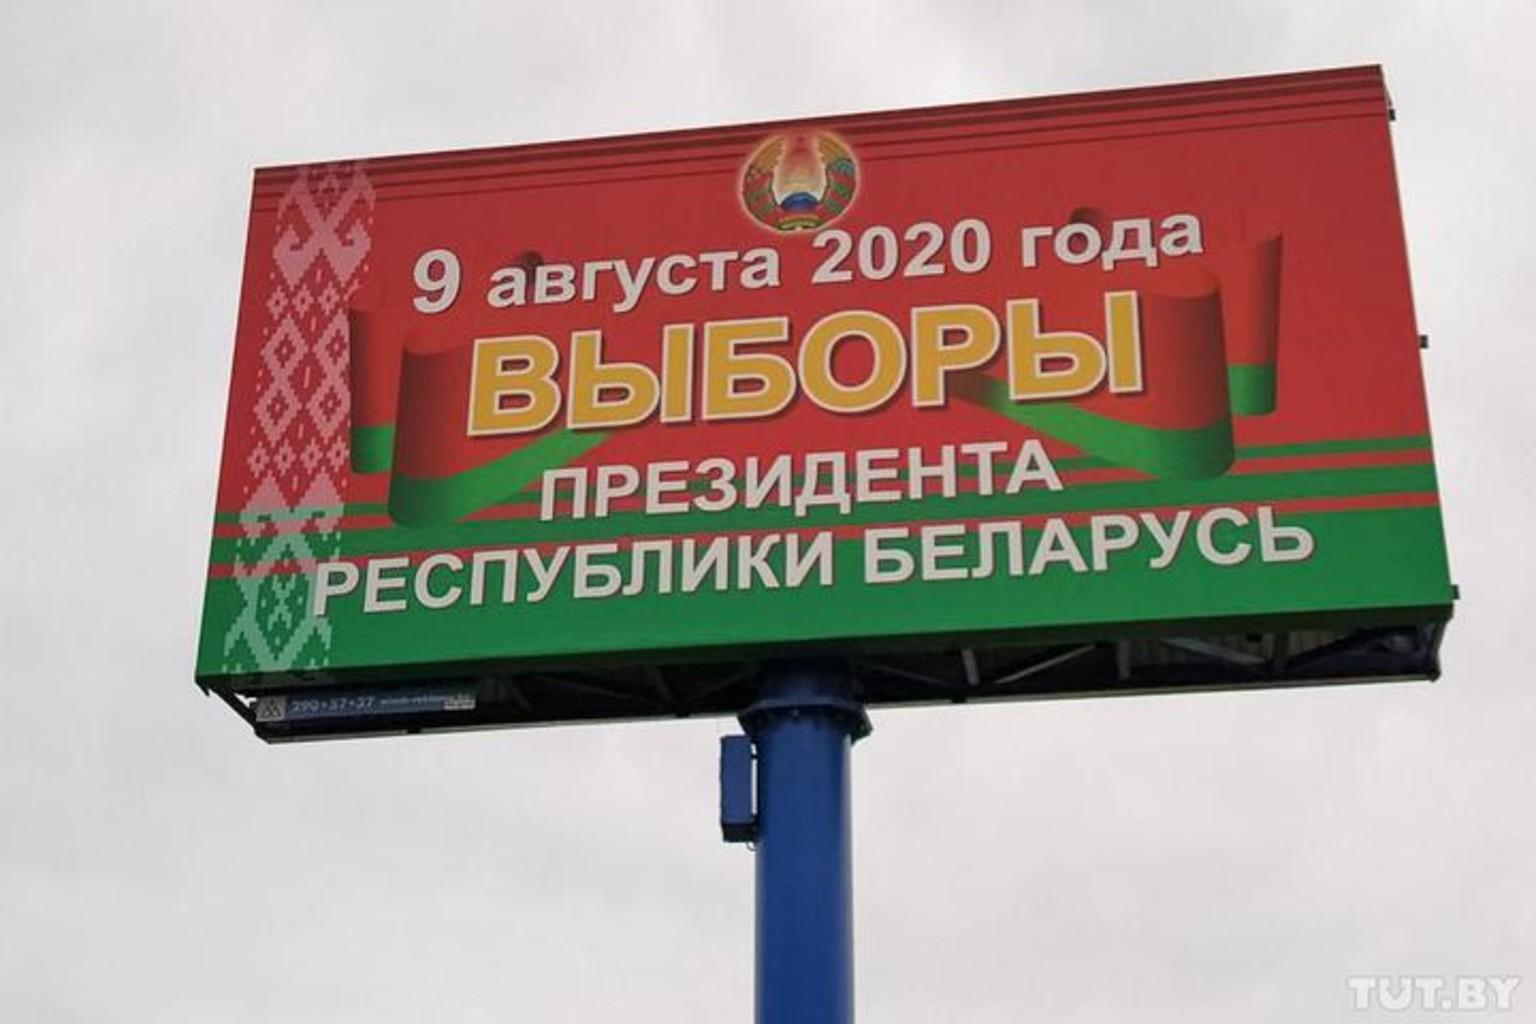 Vybory 2020 2020619 mag tutby phsl 54